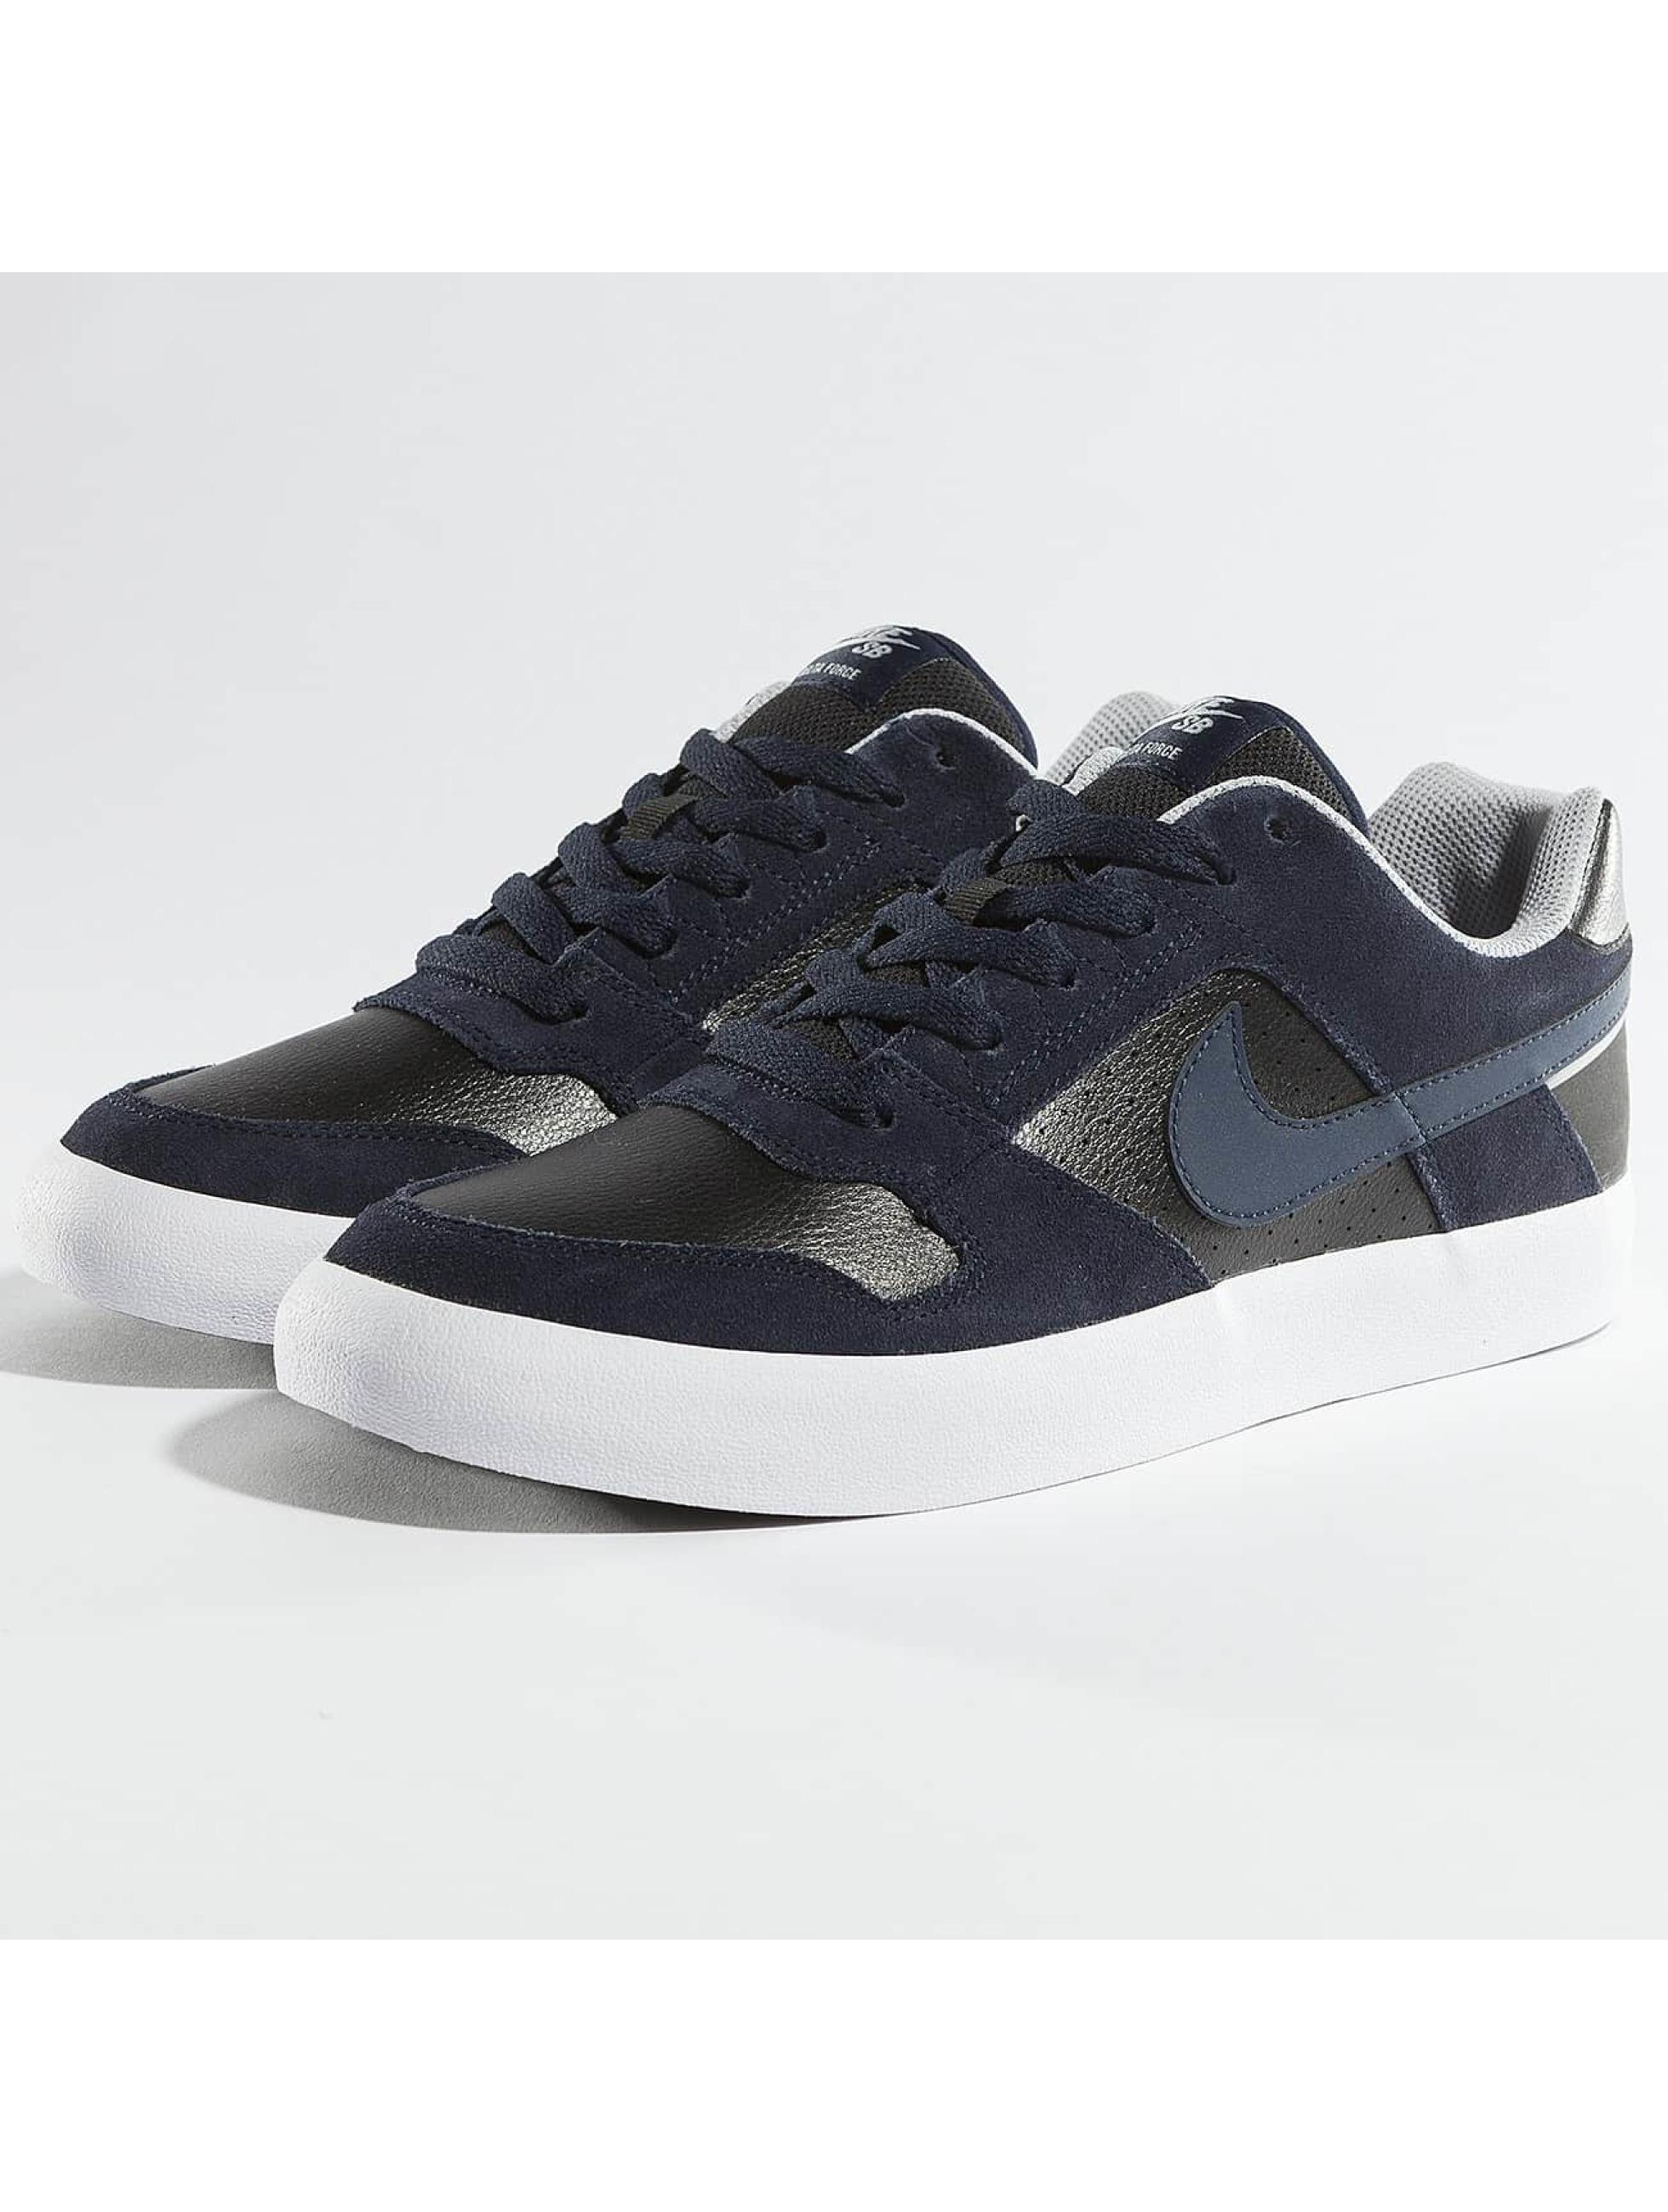 Nike Sneakers Delta Force Vulc Skateboarding gray